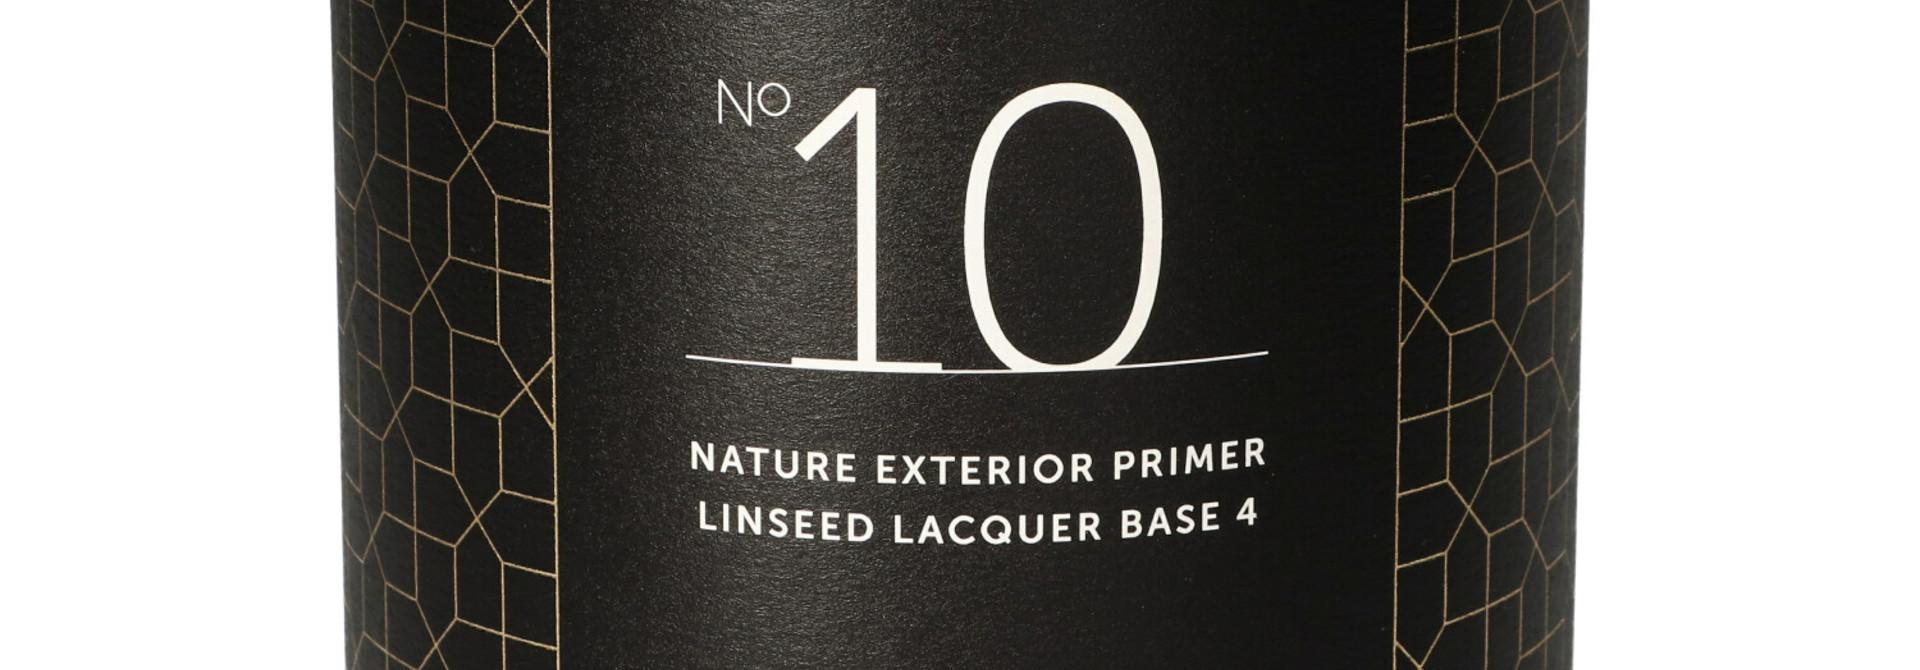 No. 10 NATURE EXTERIOR PRIMER - 1L